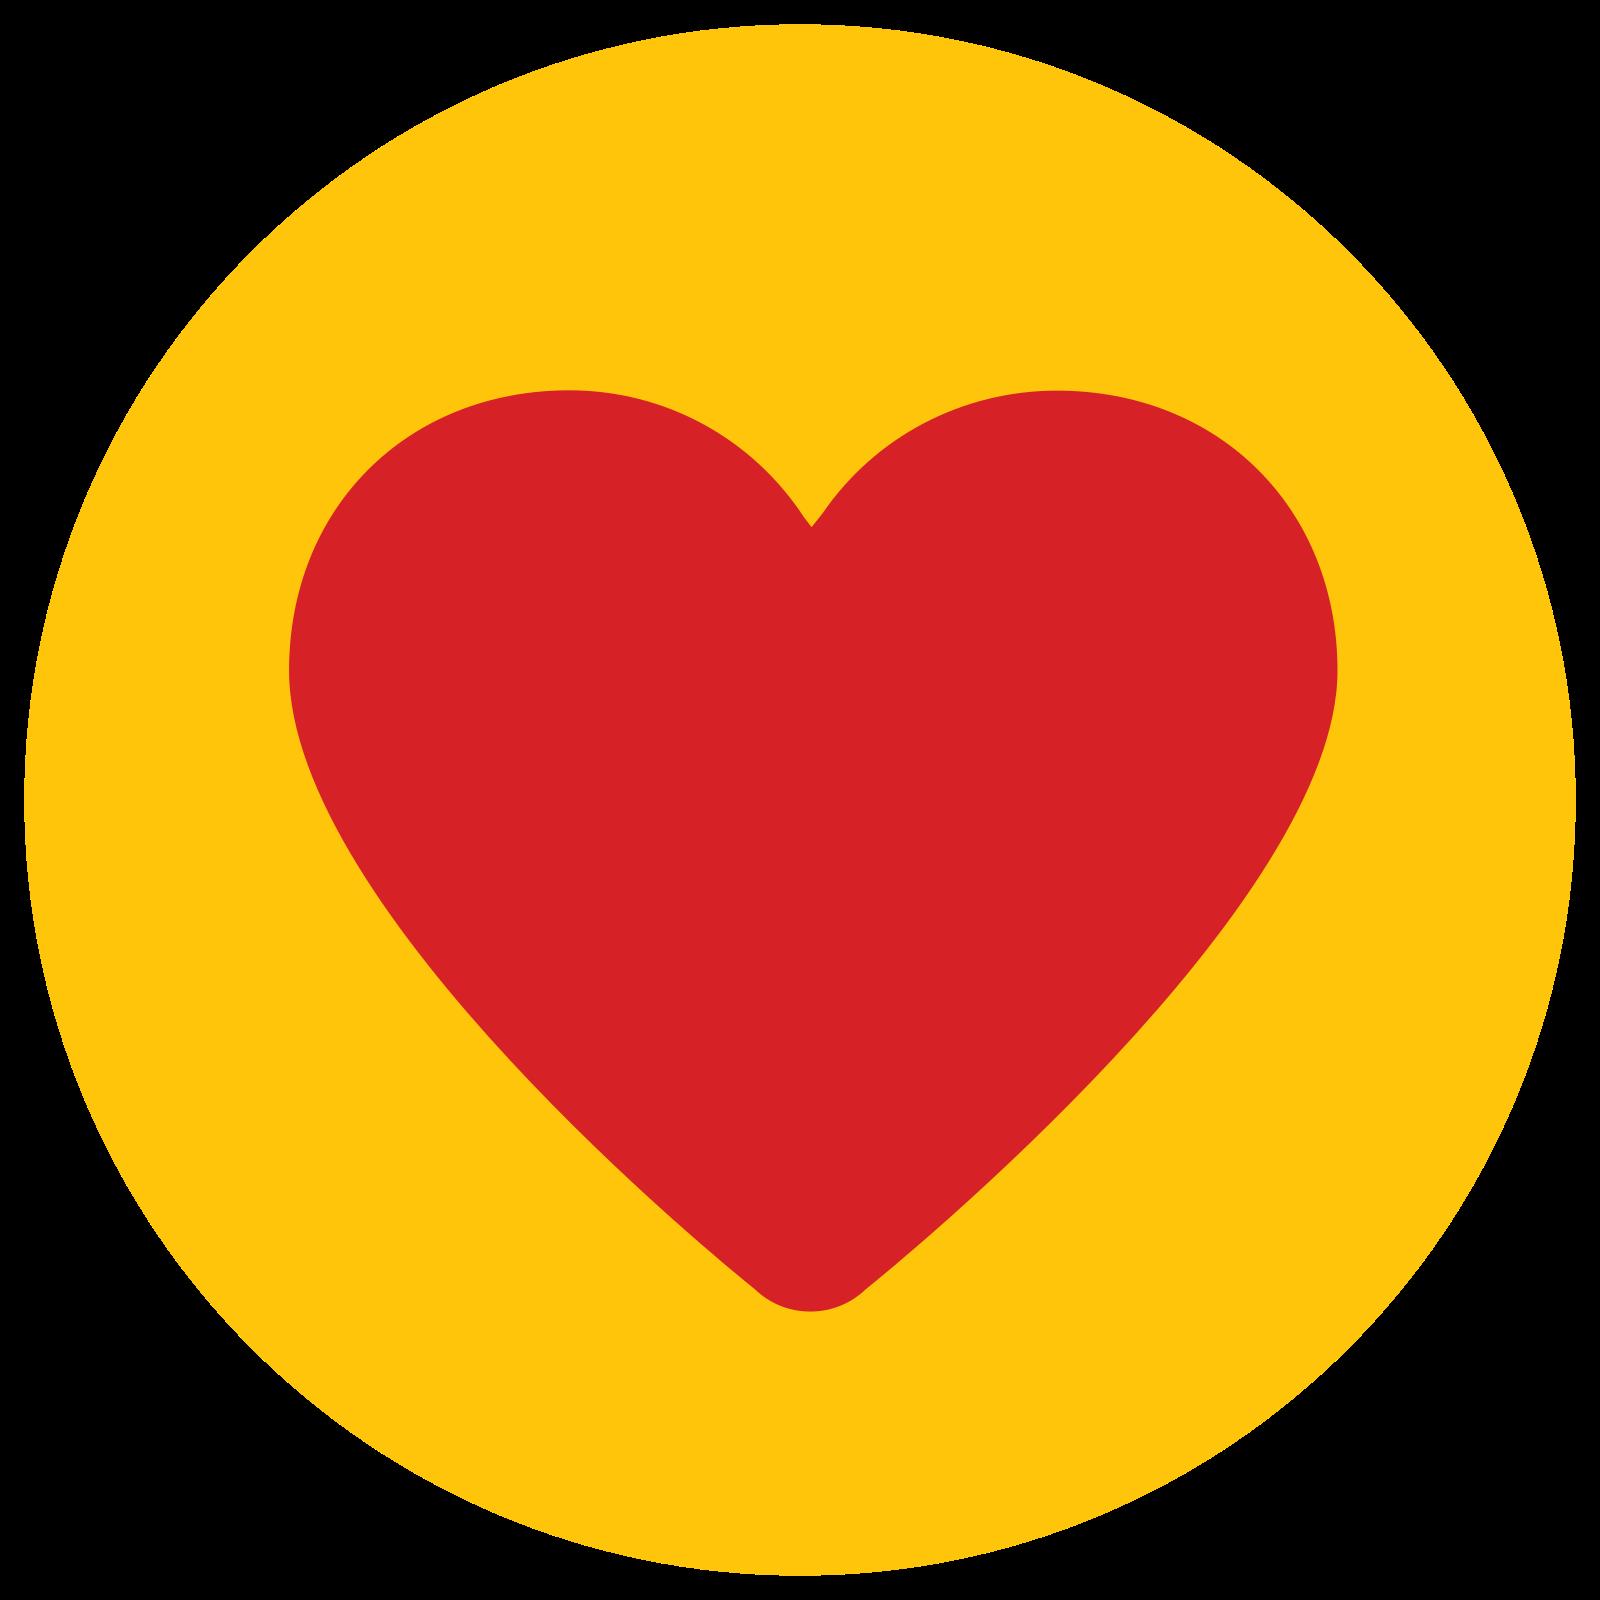 Serce wypełnione icon